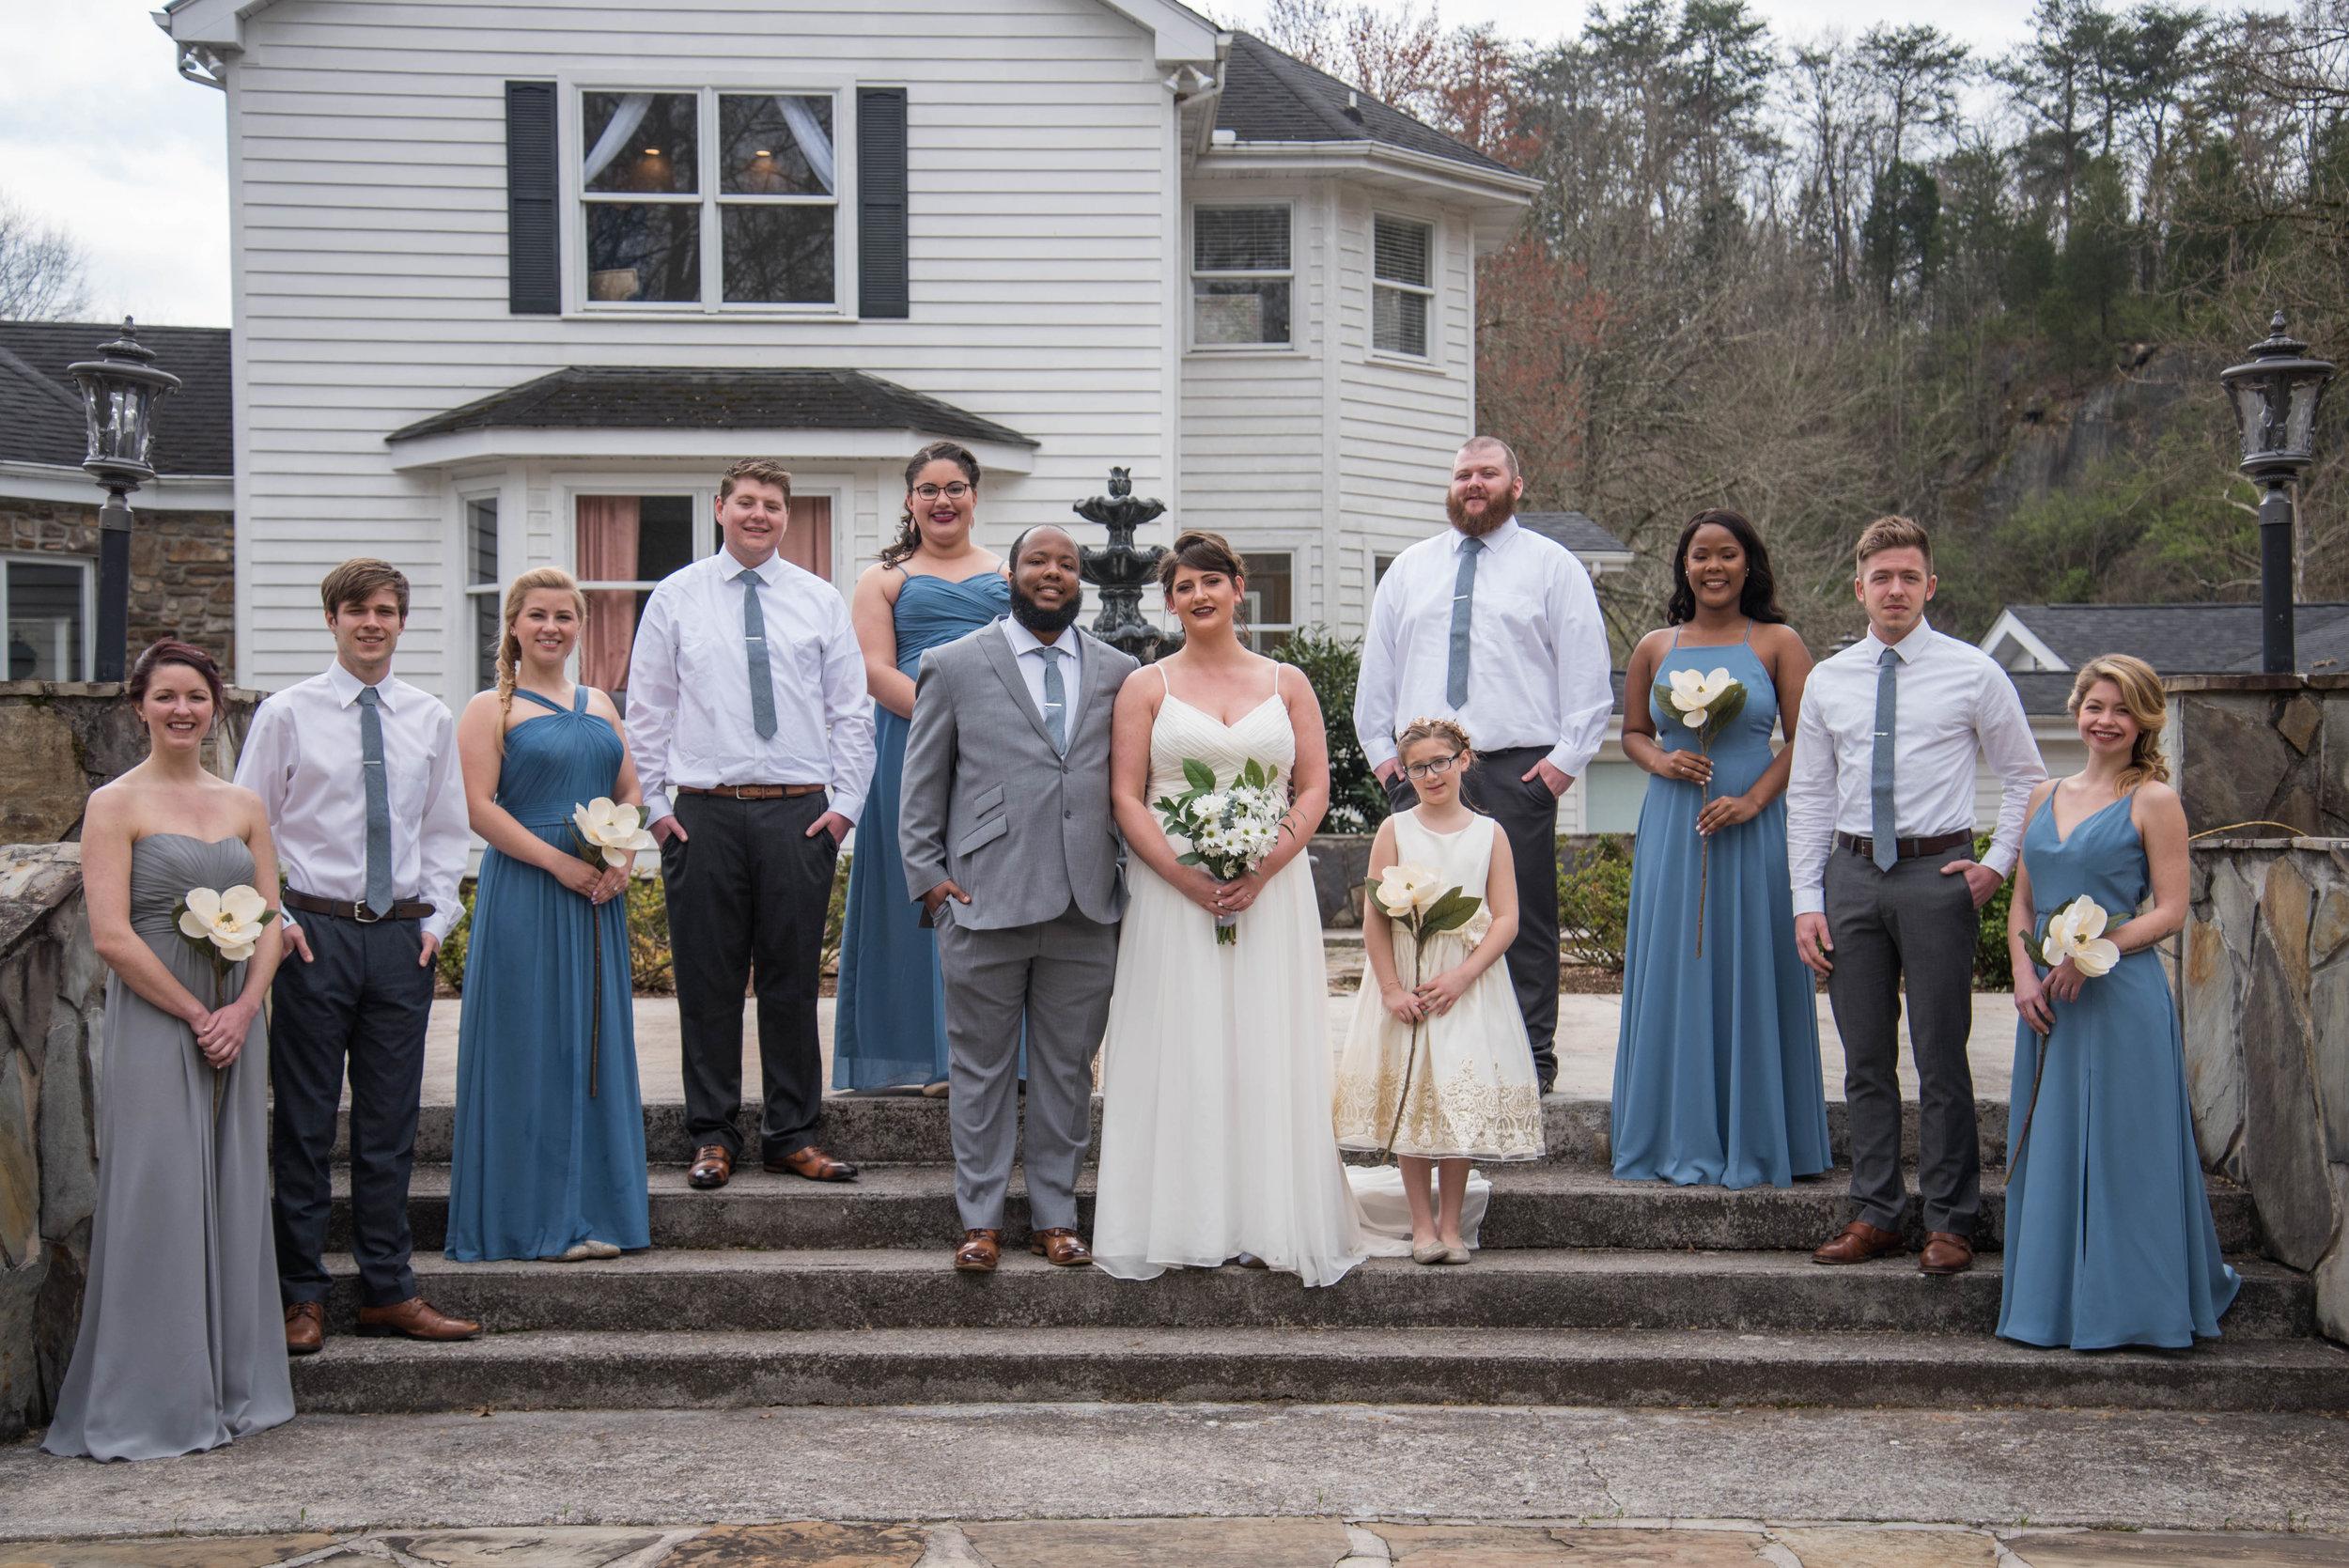 weddingparty-092.jpg